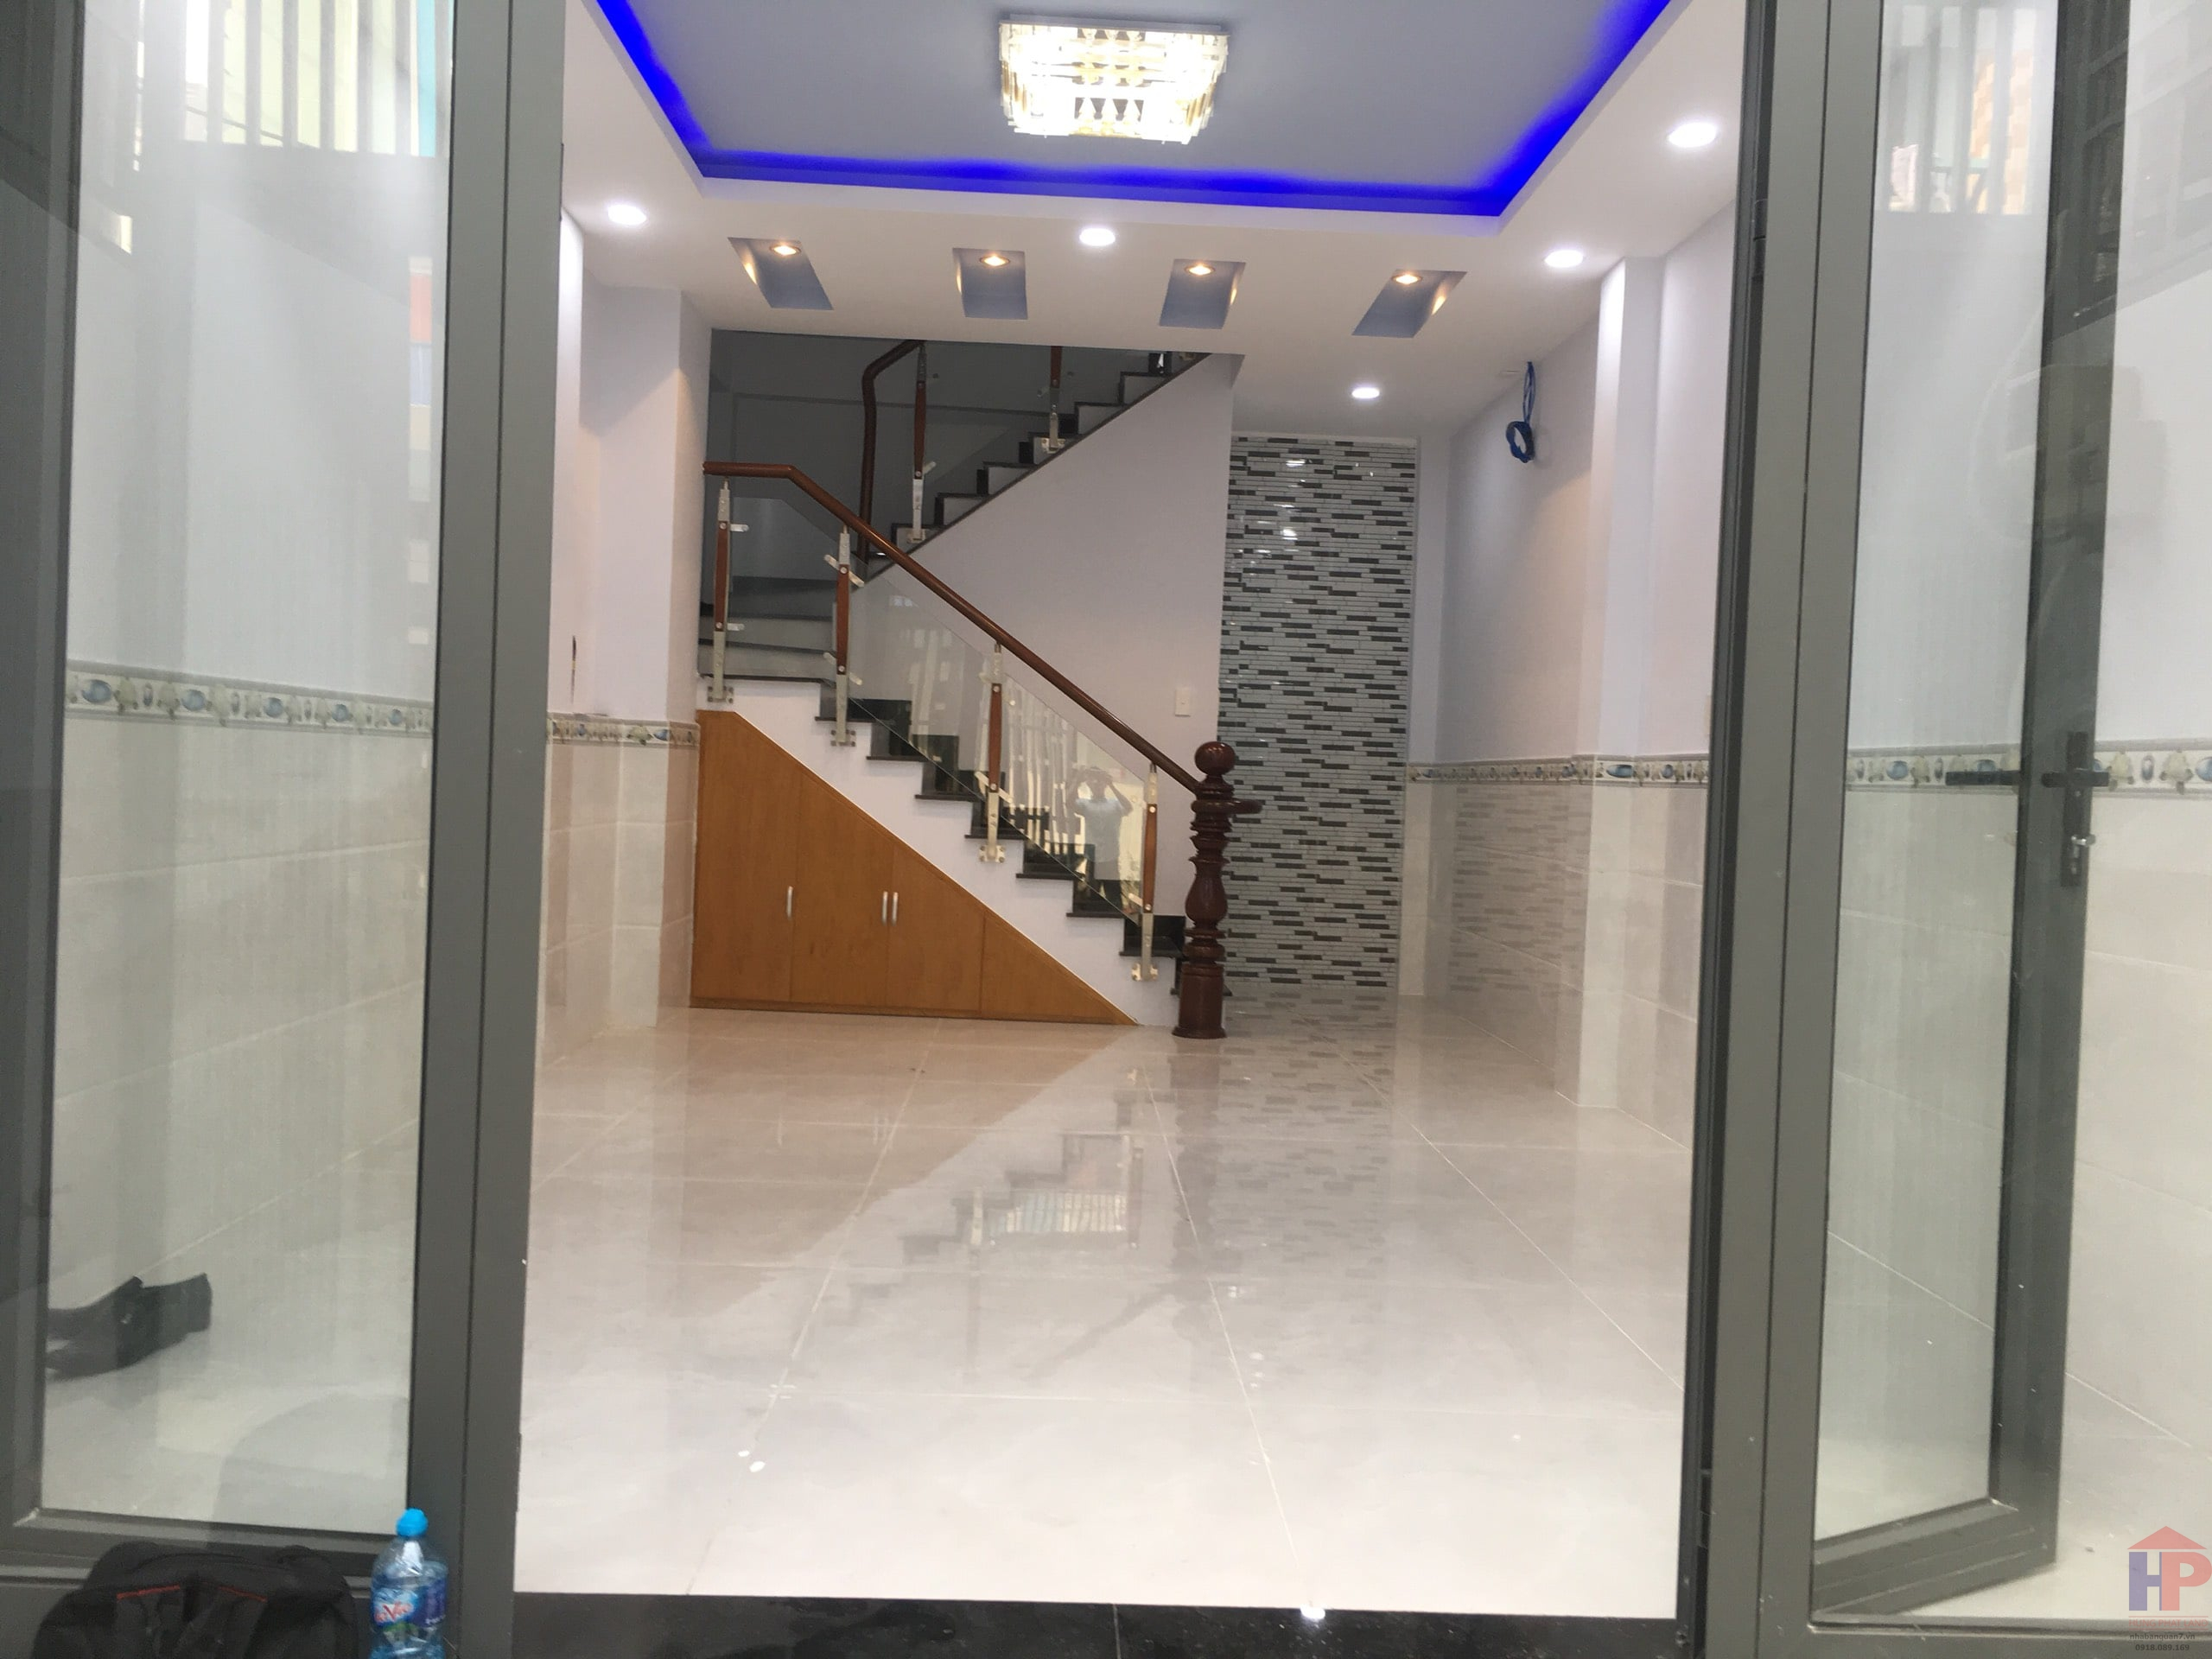 Bán nhà đường số 10 phường Tân Quy Quận 7, 1 trệt – 1 lửng – 2 lầu